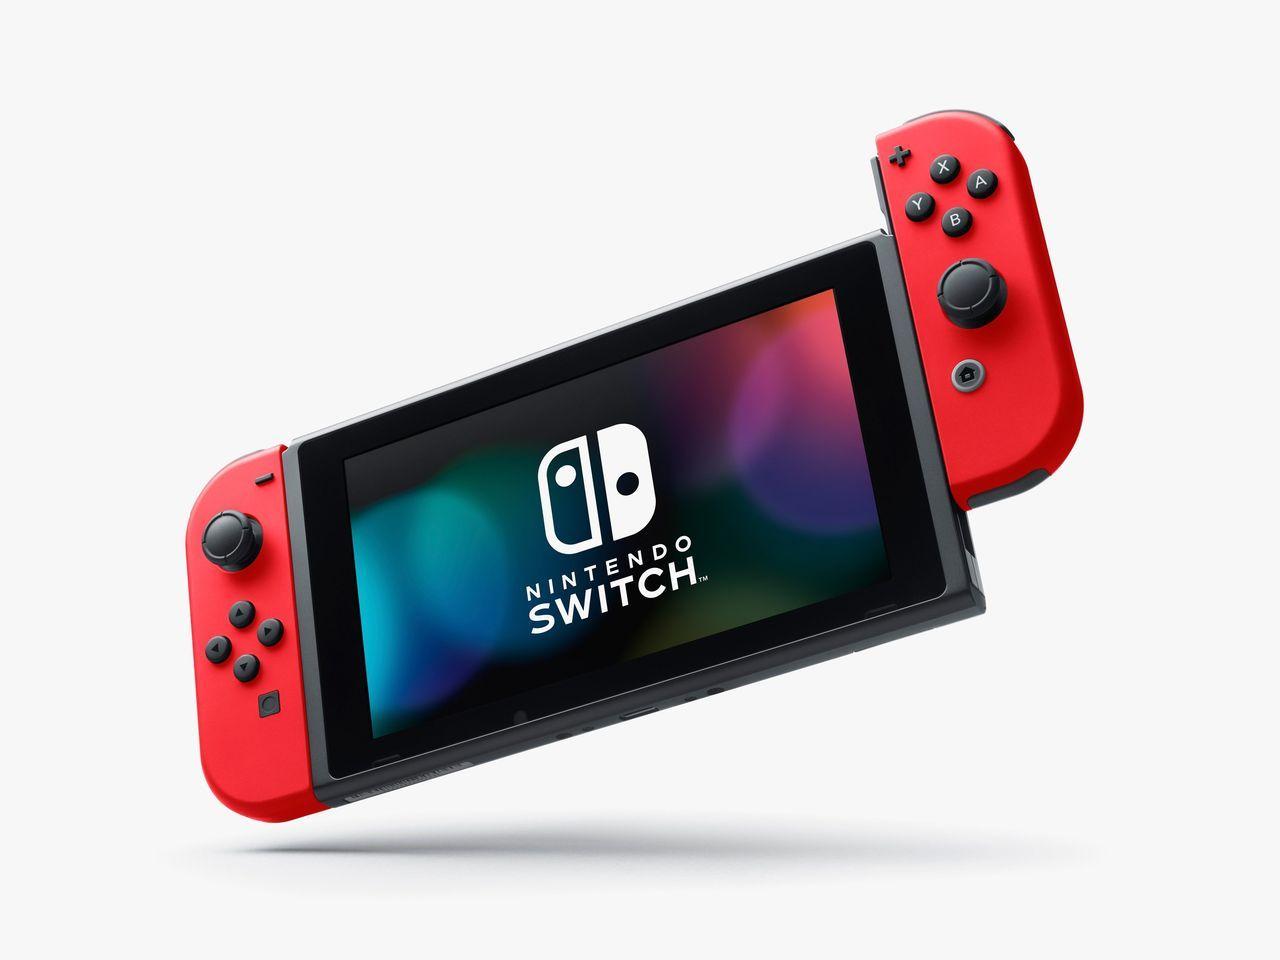 Nintendo petar in fler NES- och SNES-spel till Switch